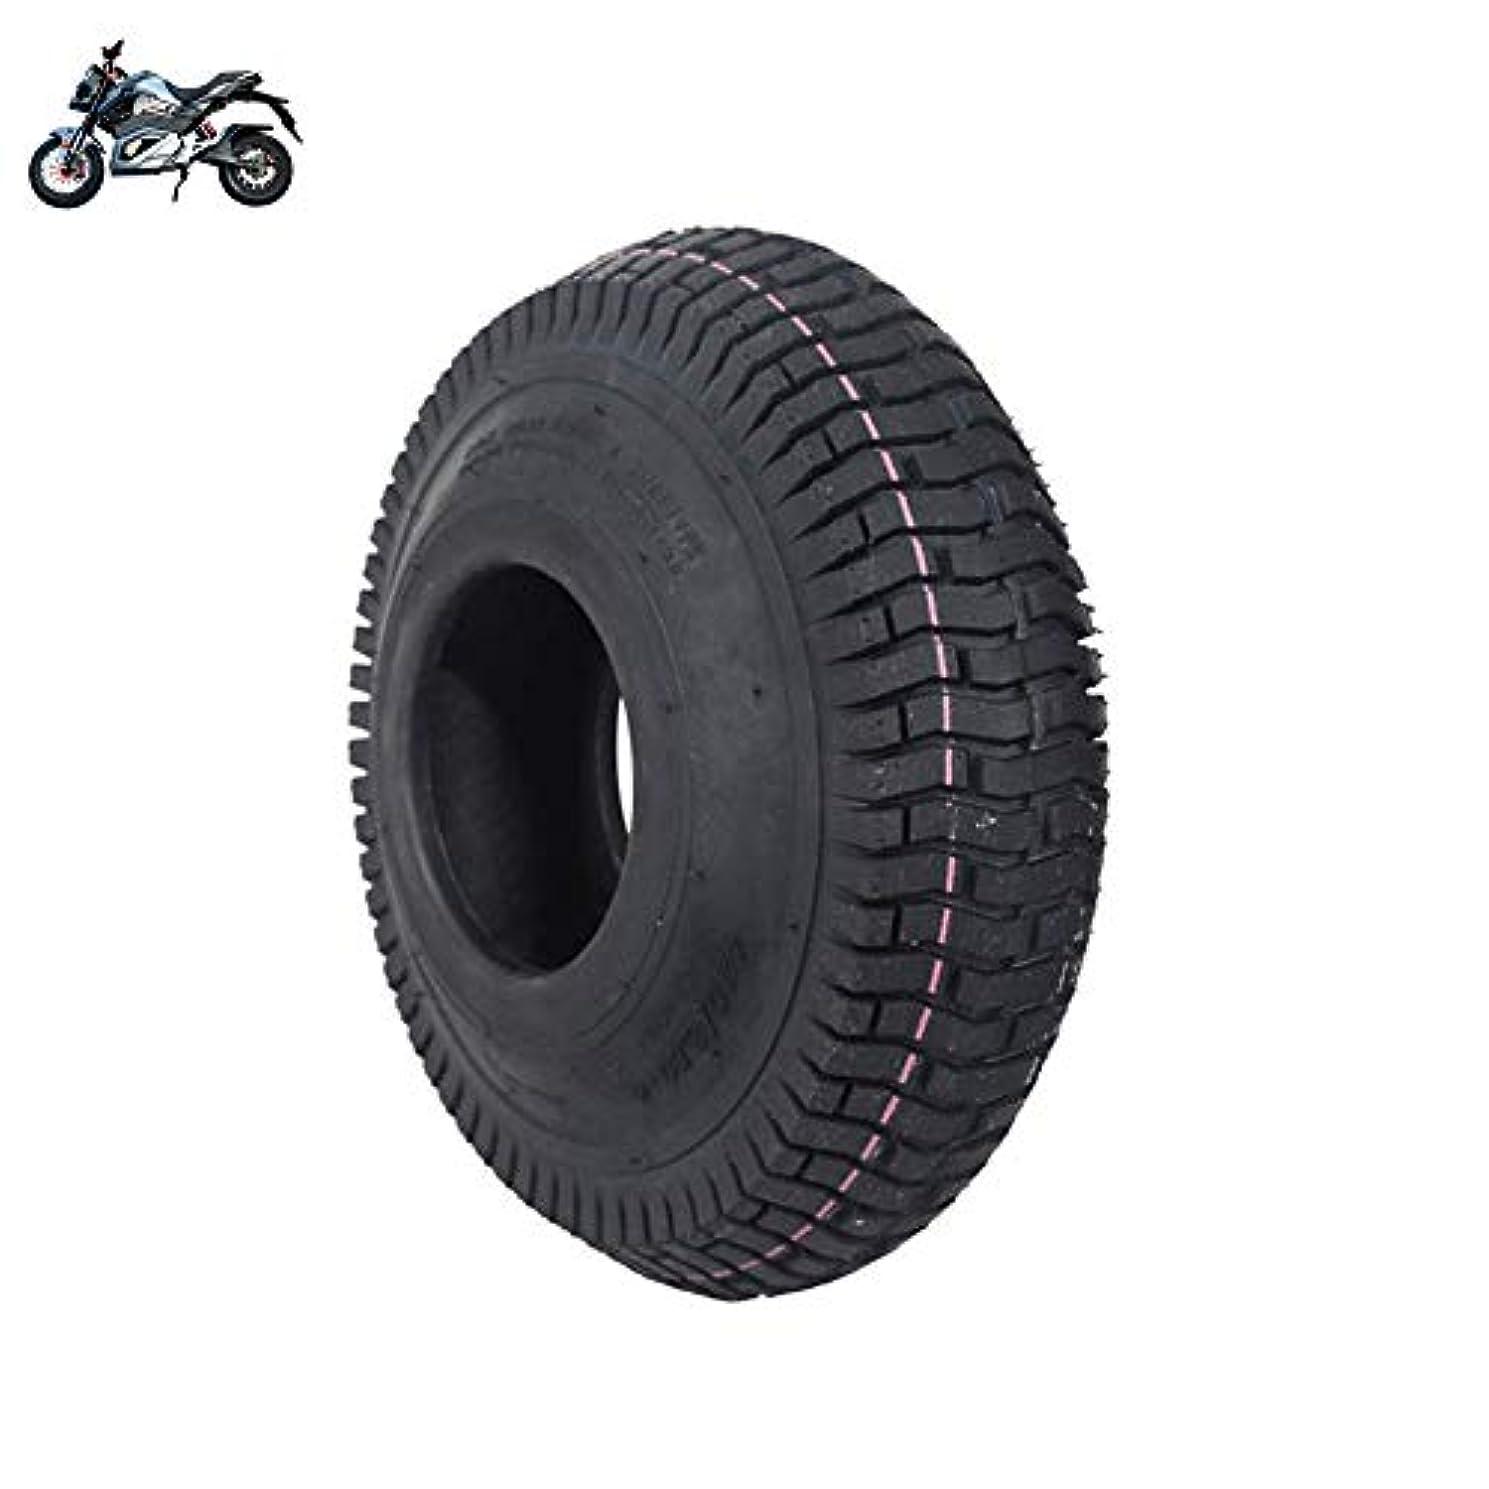 評決腸強制的電動スクータータイヤ、4.10 / 3.50-4滑り止めの内側と外側のタイヤ、耐摩耗性と耐パンク性、ヘビーデューティー、電動トロリー用タイヤスクーター交換用ホイール